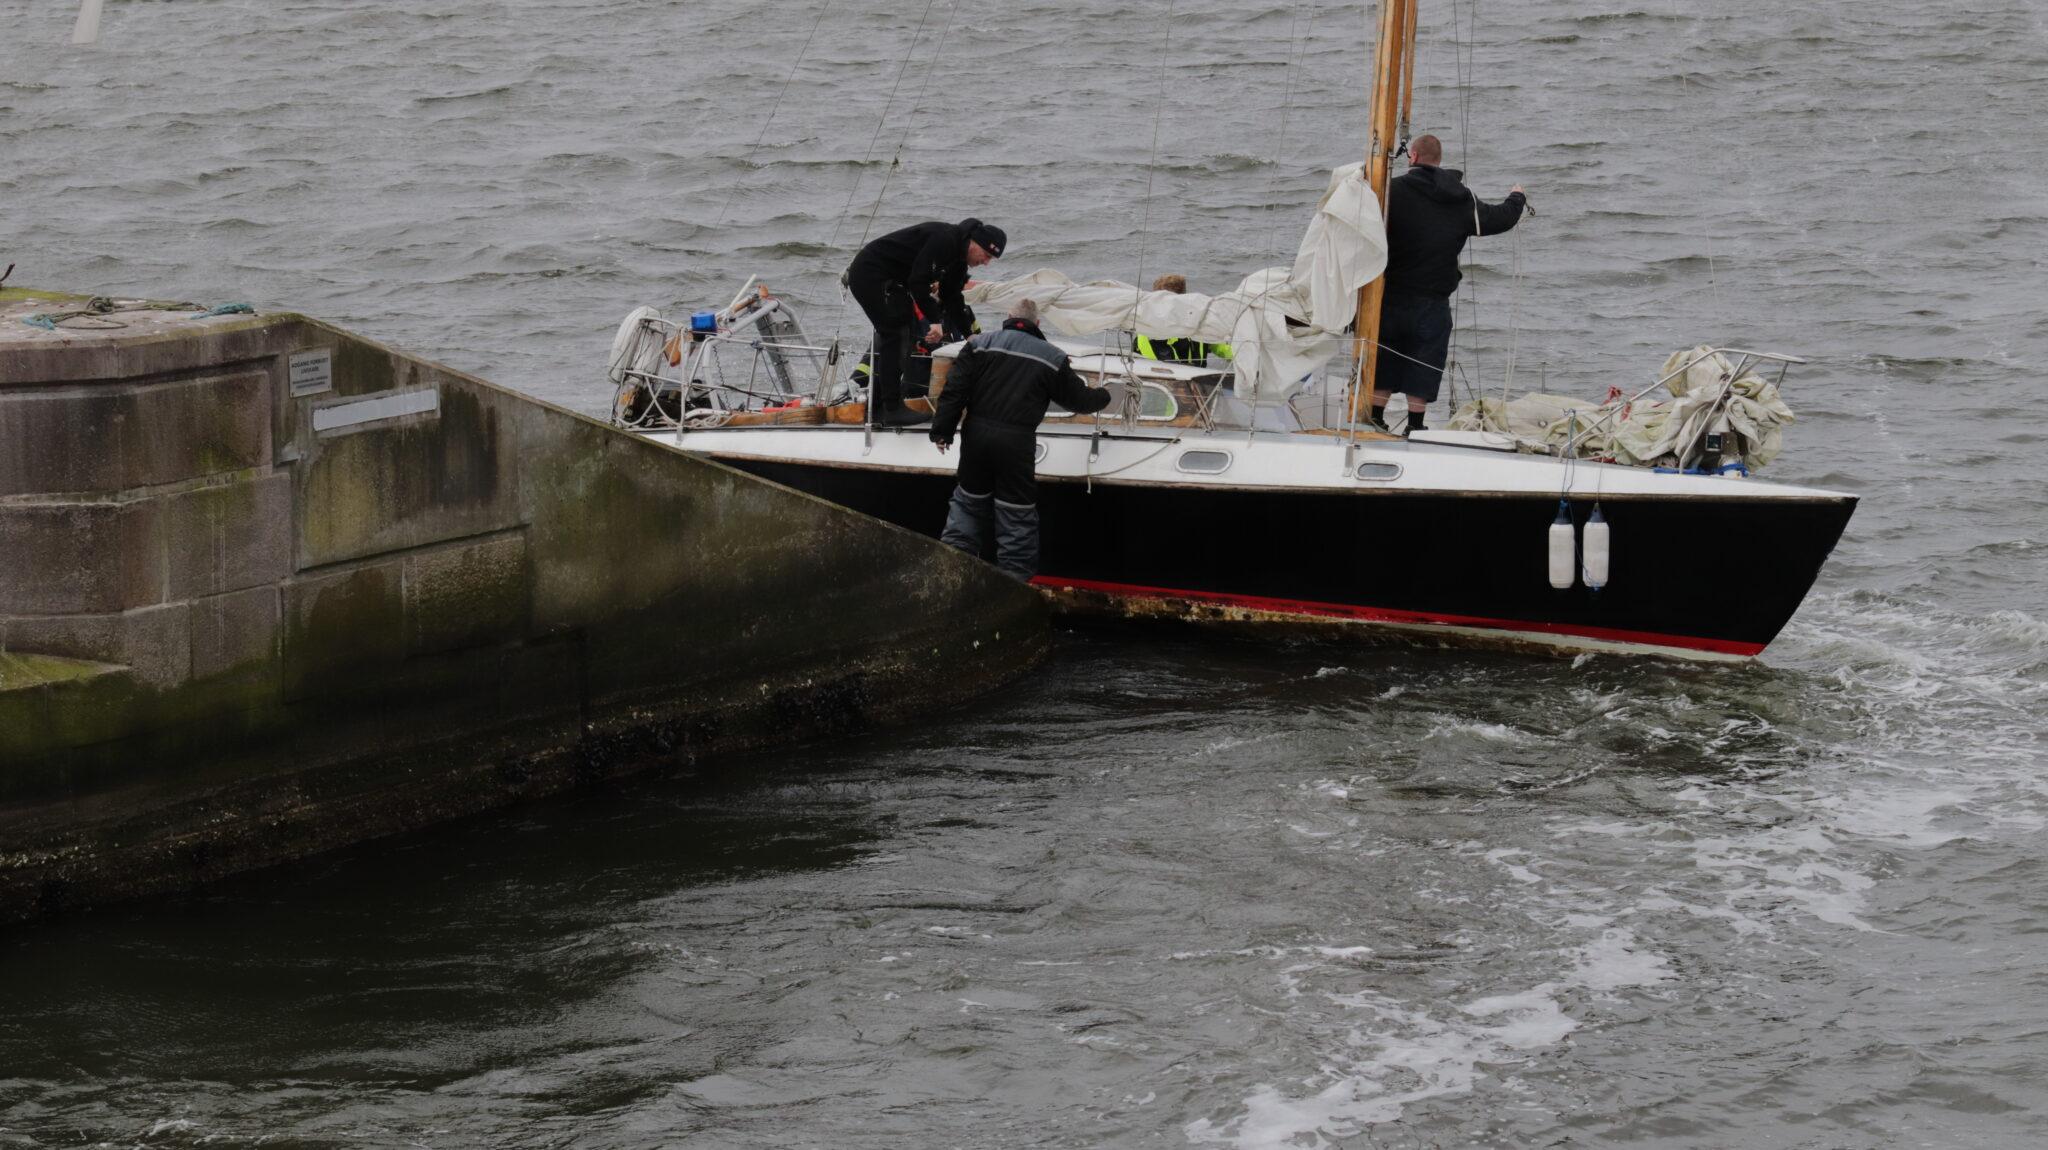 Måtte reddes fri: Båd ramte betonpille i vandet ved Jernbanebroen